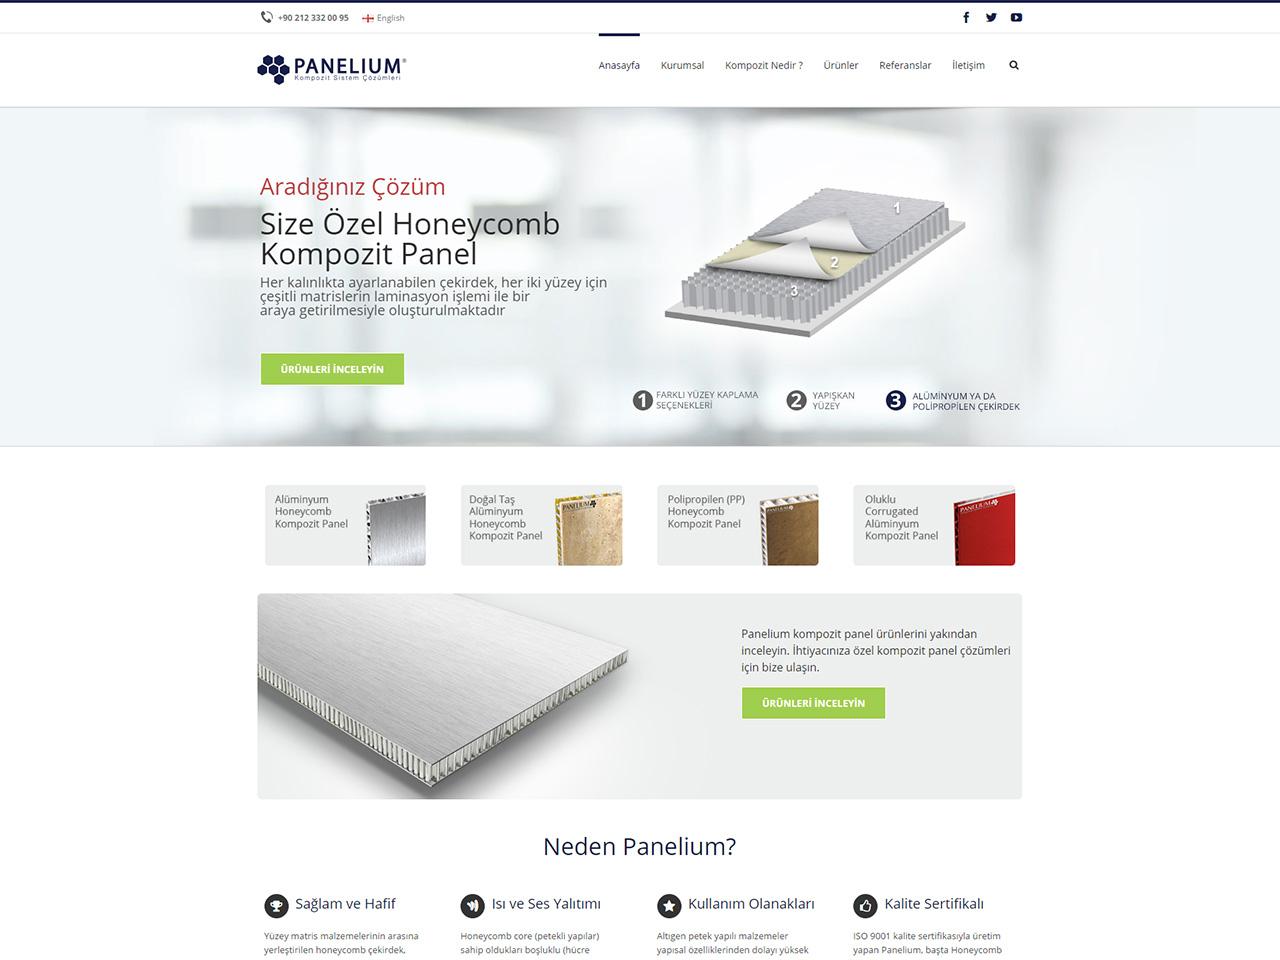 panelium-sayfa-web-tasarim-1